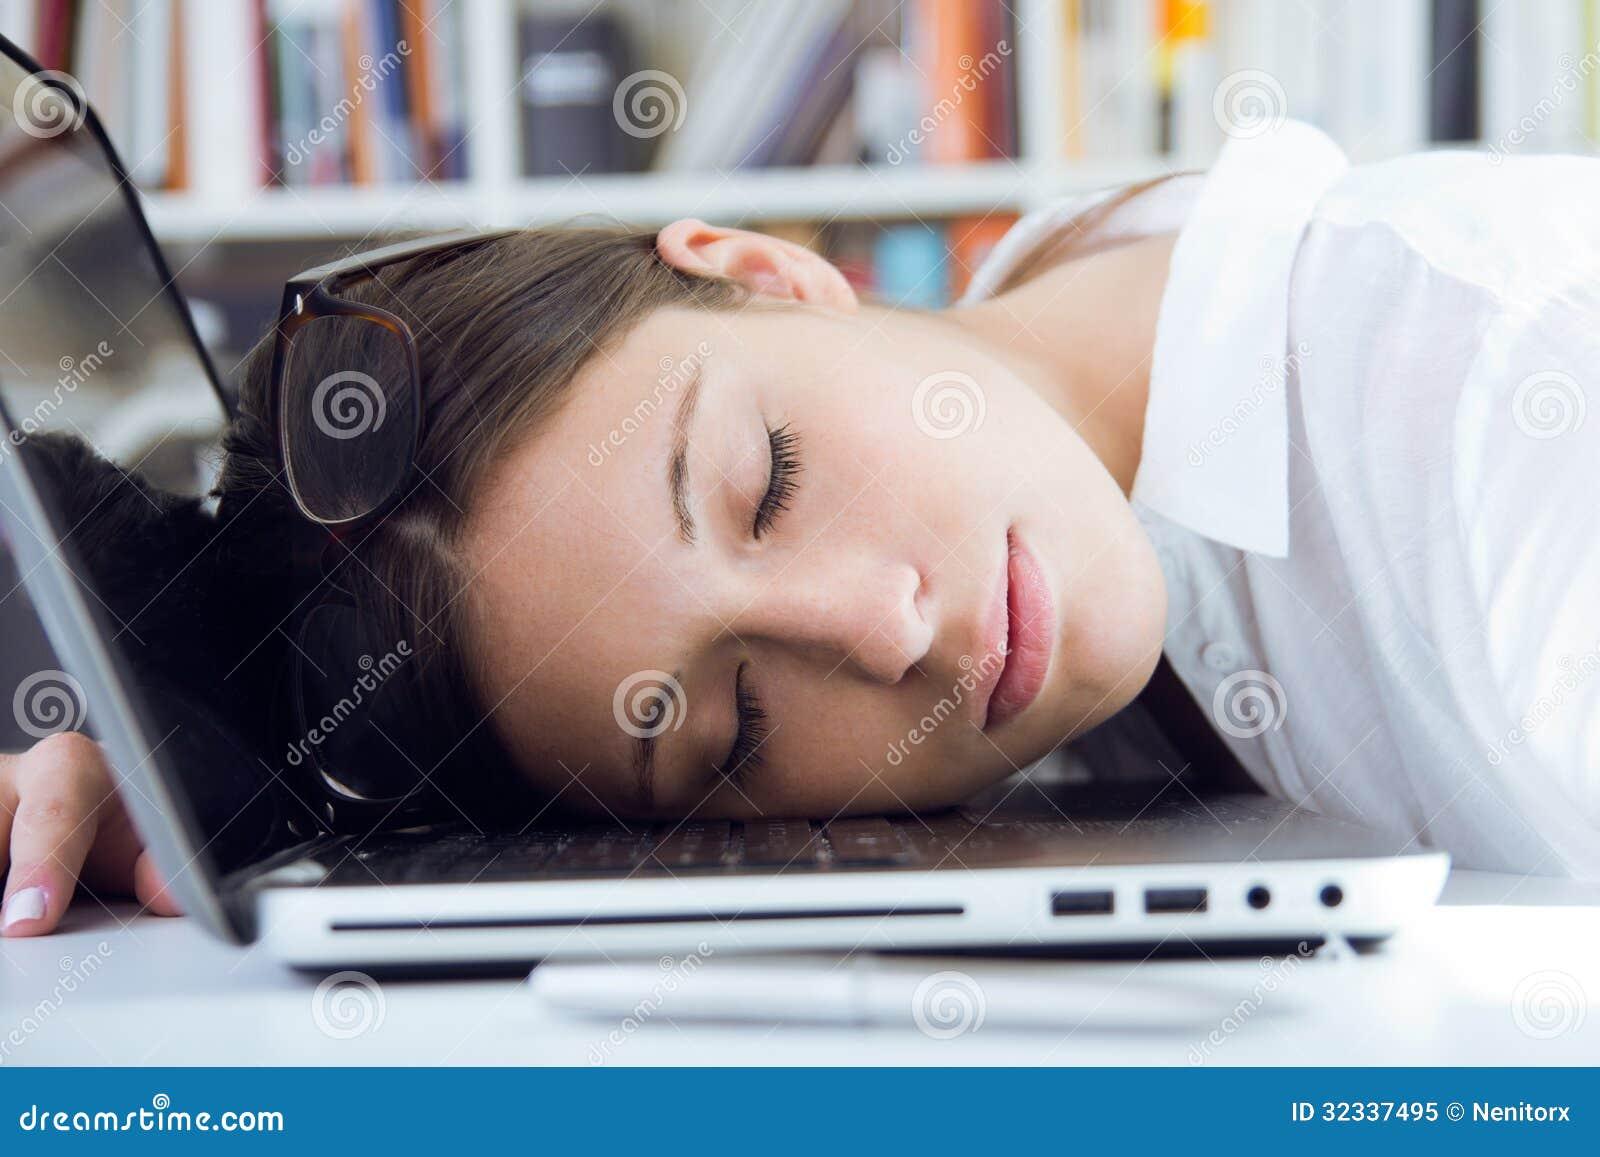 Femme dormant sur son ordinateur portable dans le lieu de travail